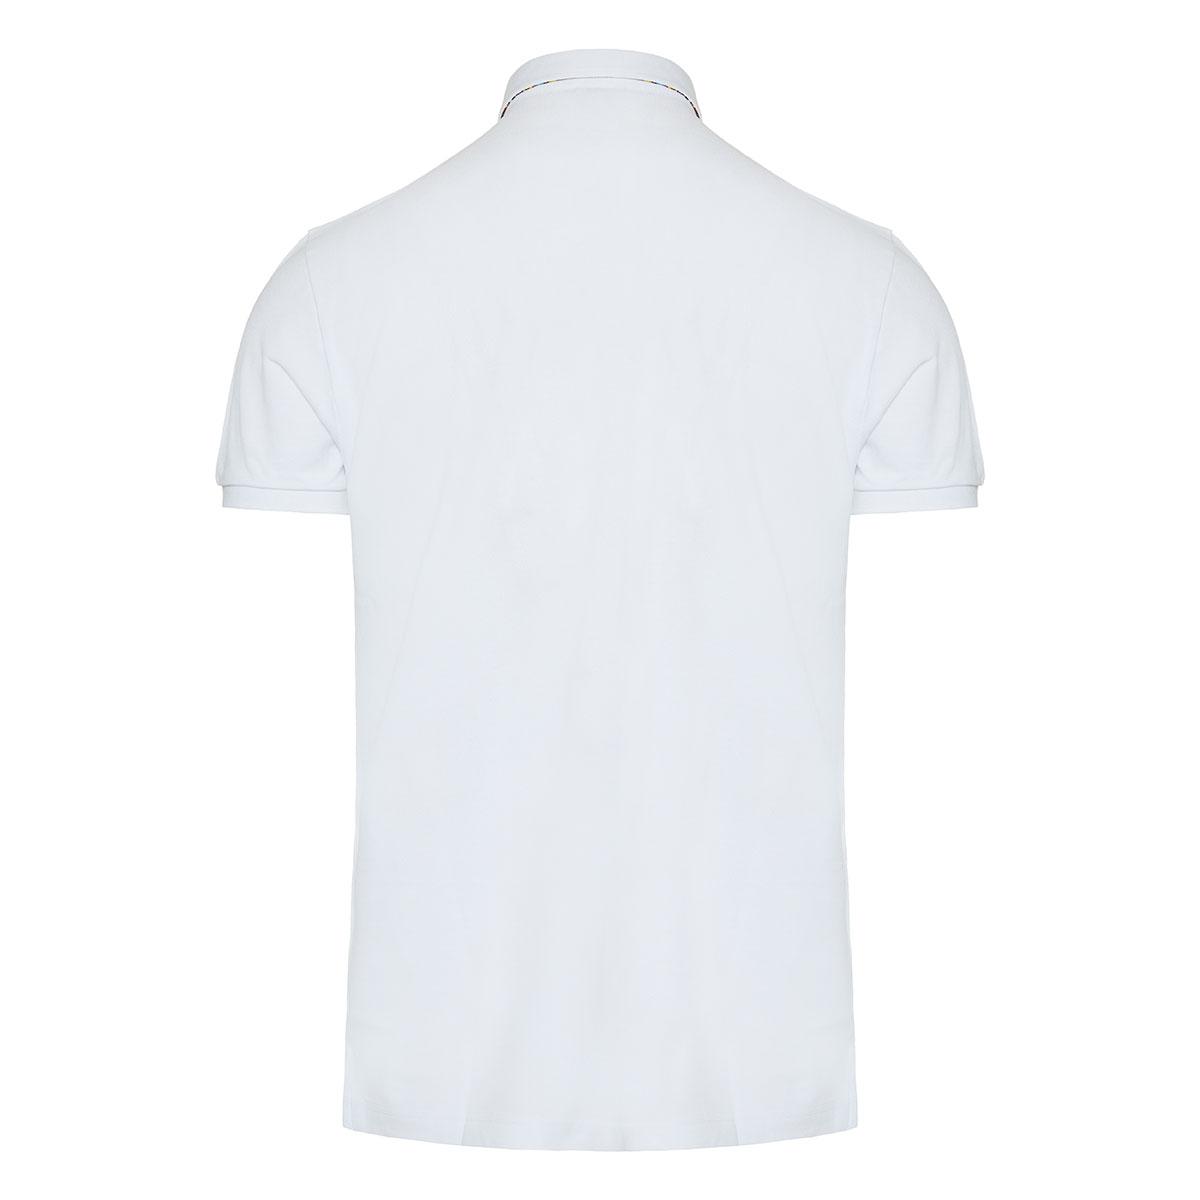 Paisley collar polo shirt